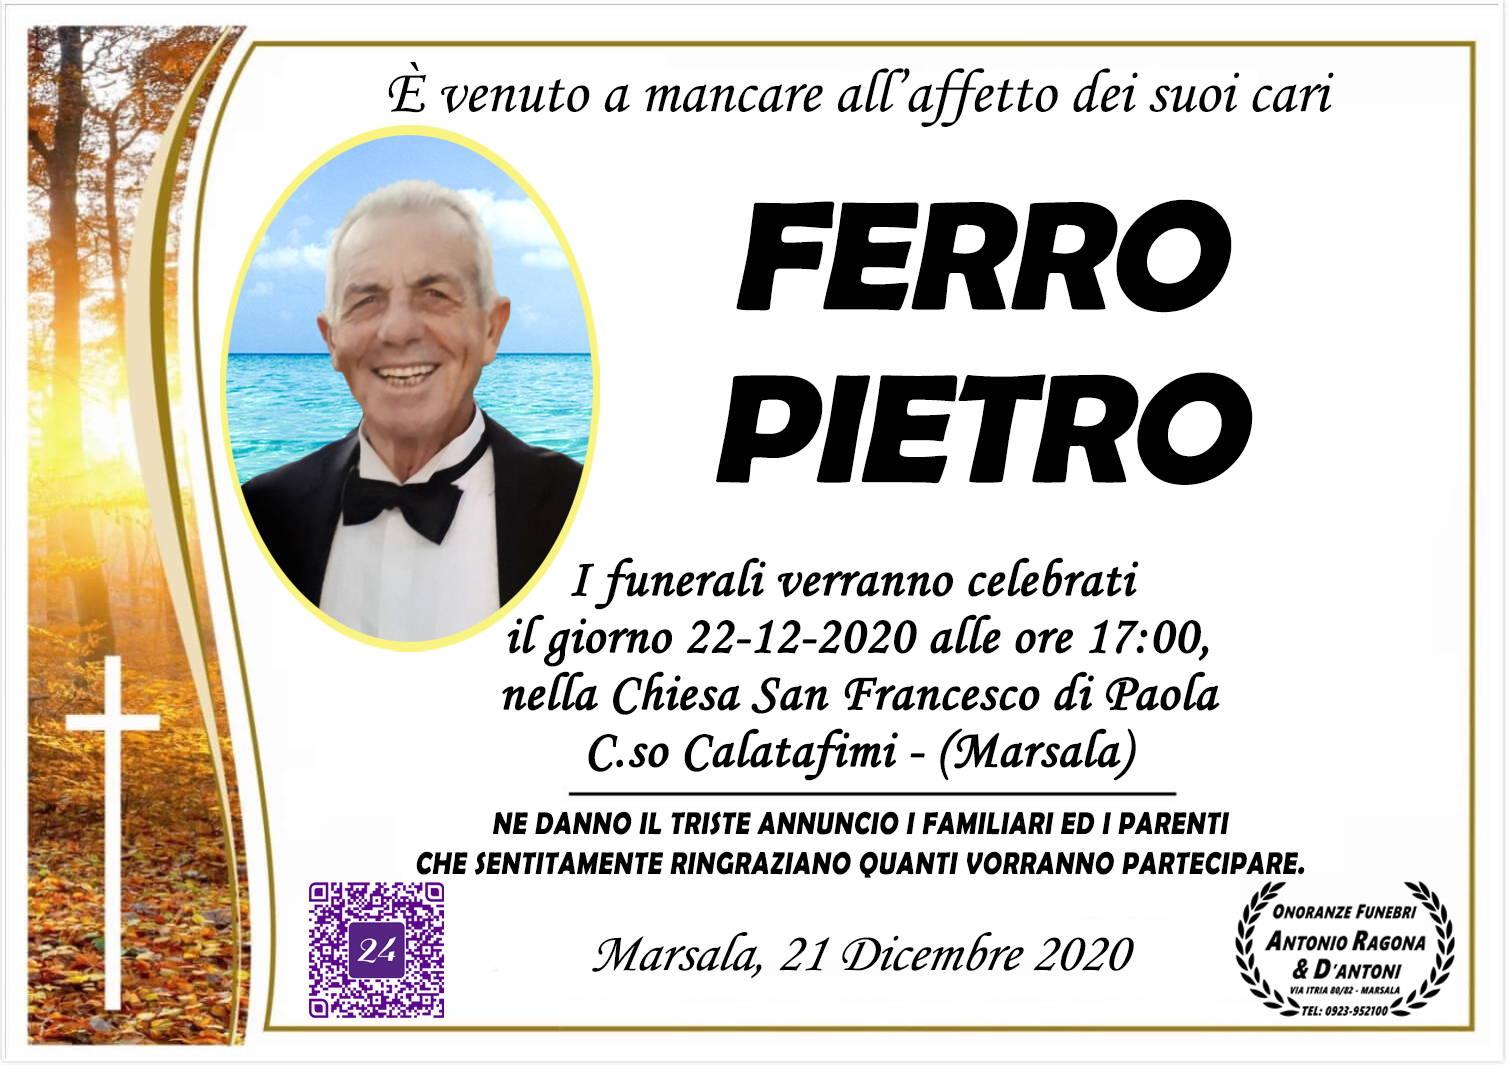 Pietro Ferro